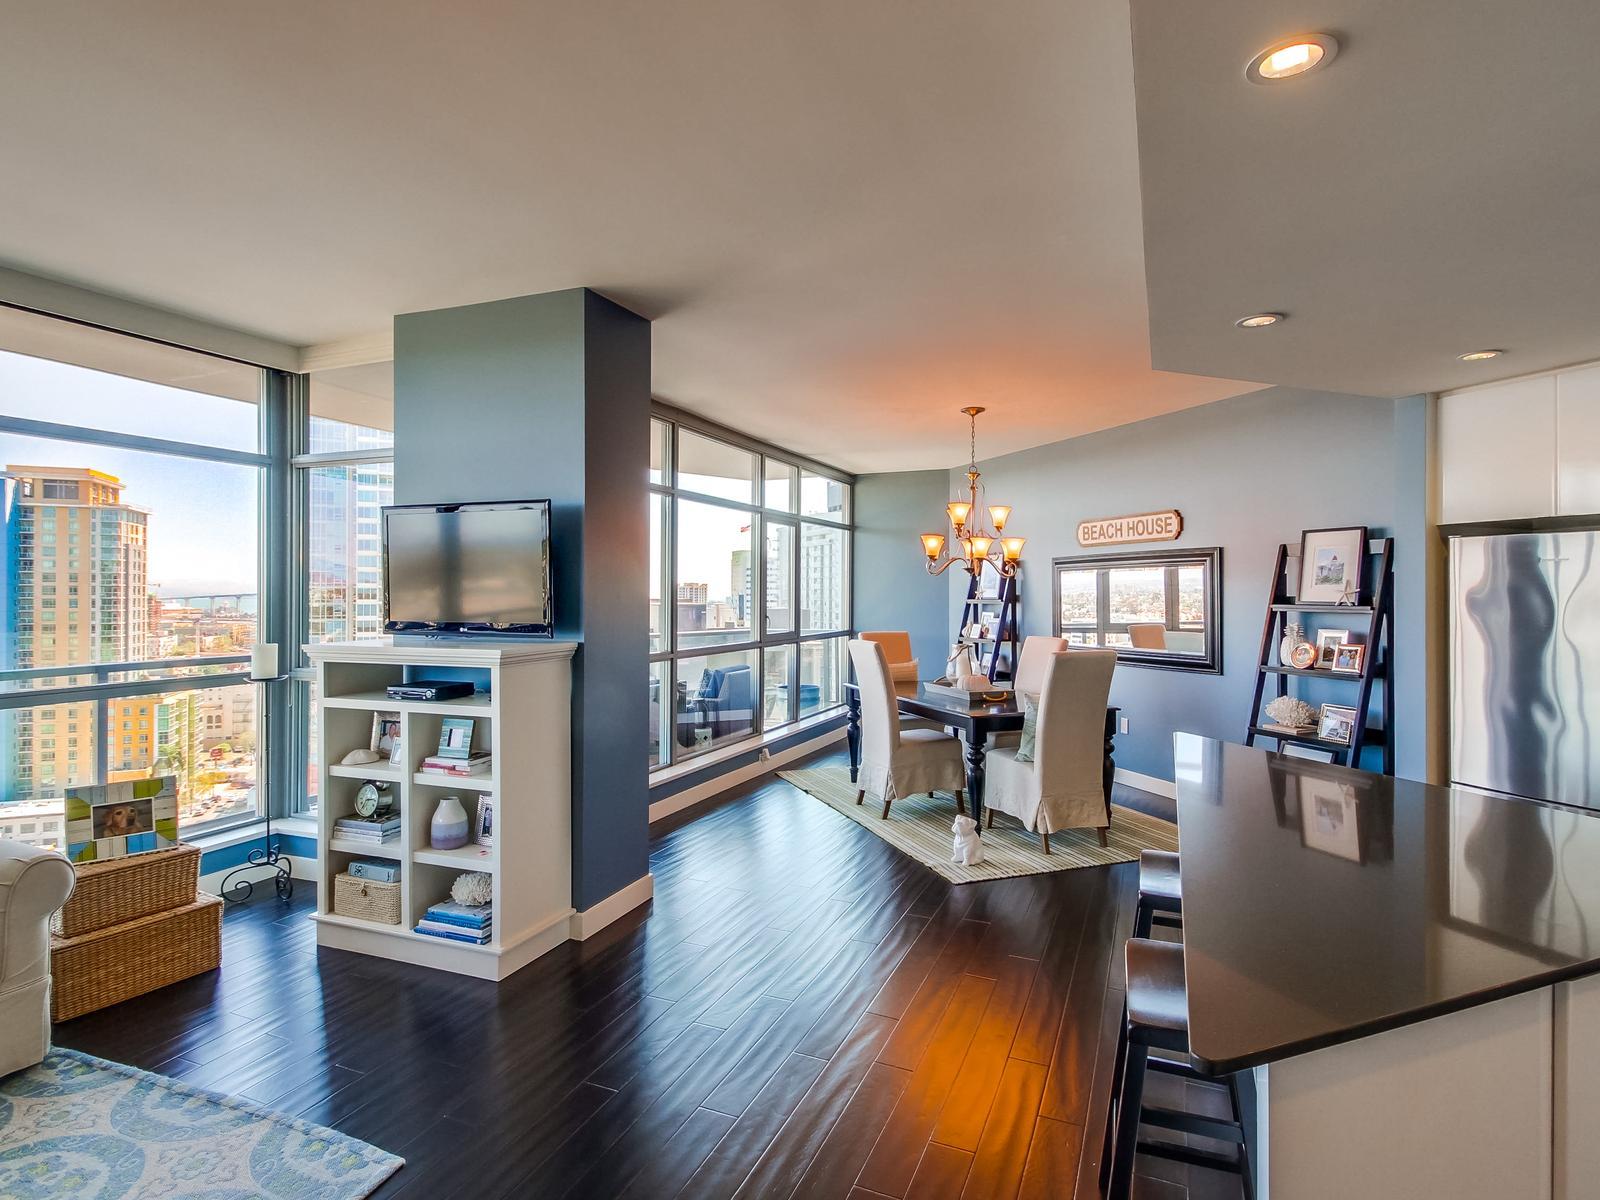 共管式独立产权公寓 为 销售 在 1441 9th Avenue, 1402 圣地亚哥, 加利福尼亚州, 92101 美国